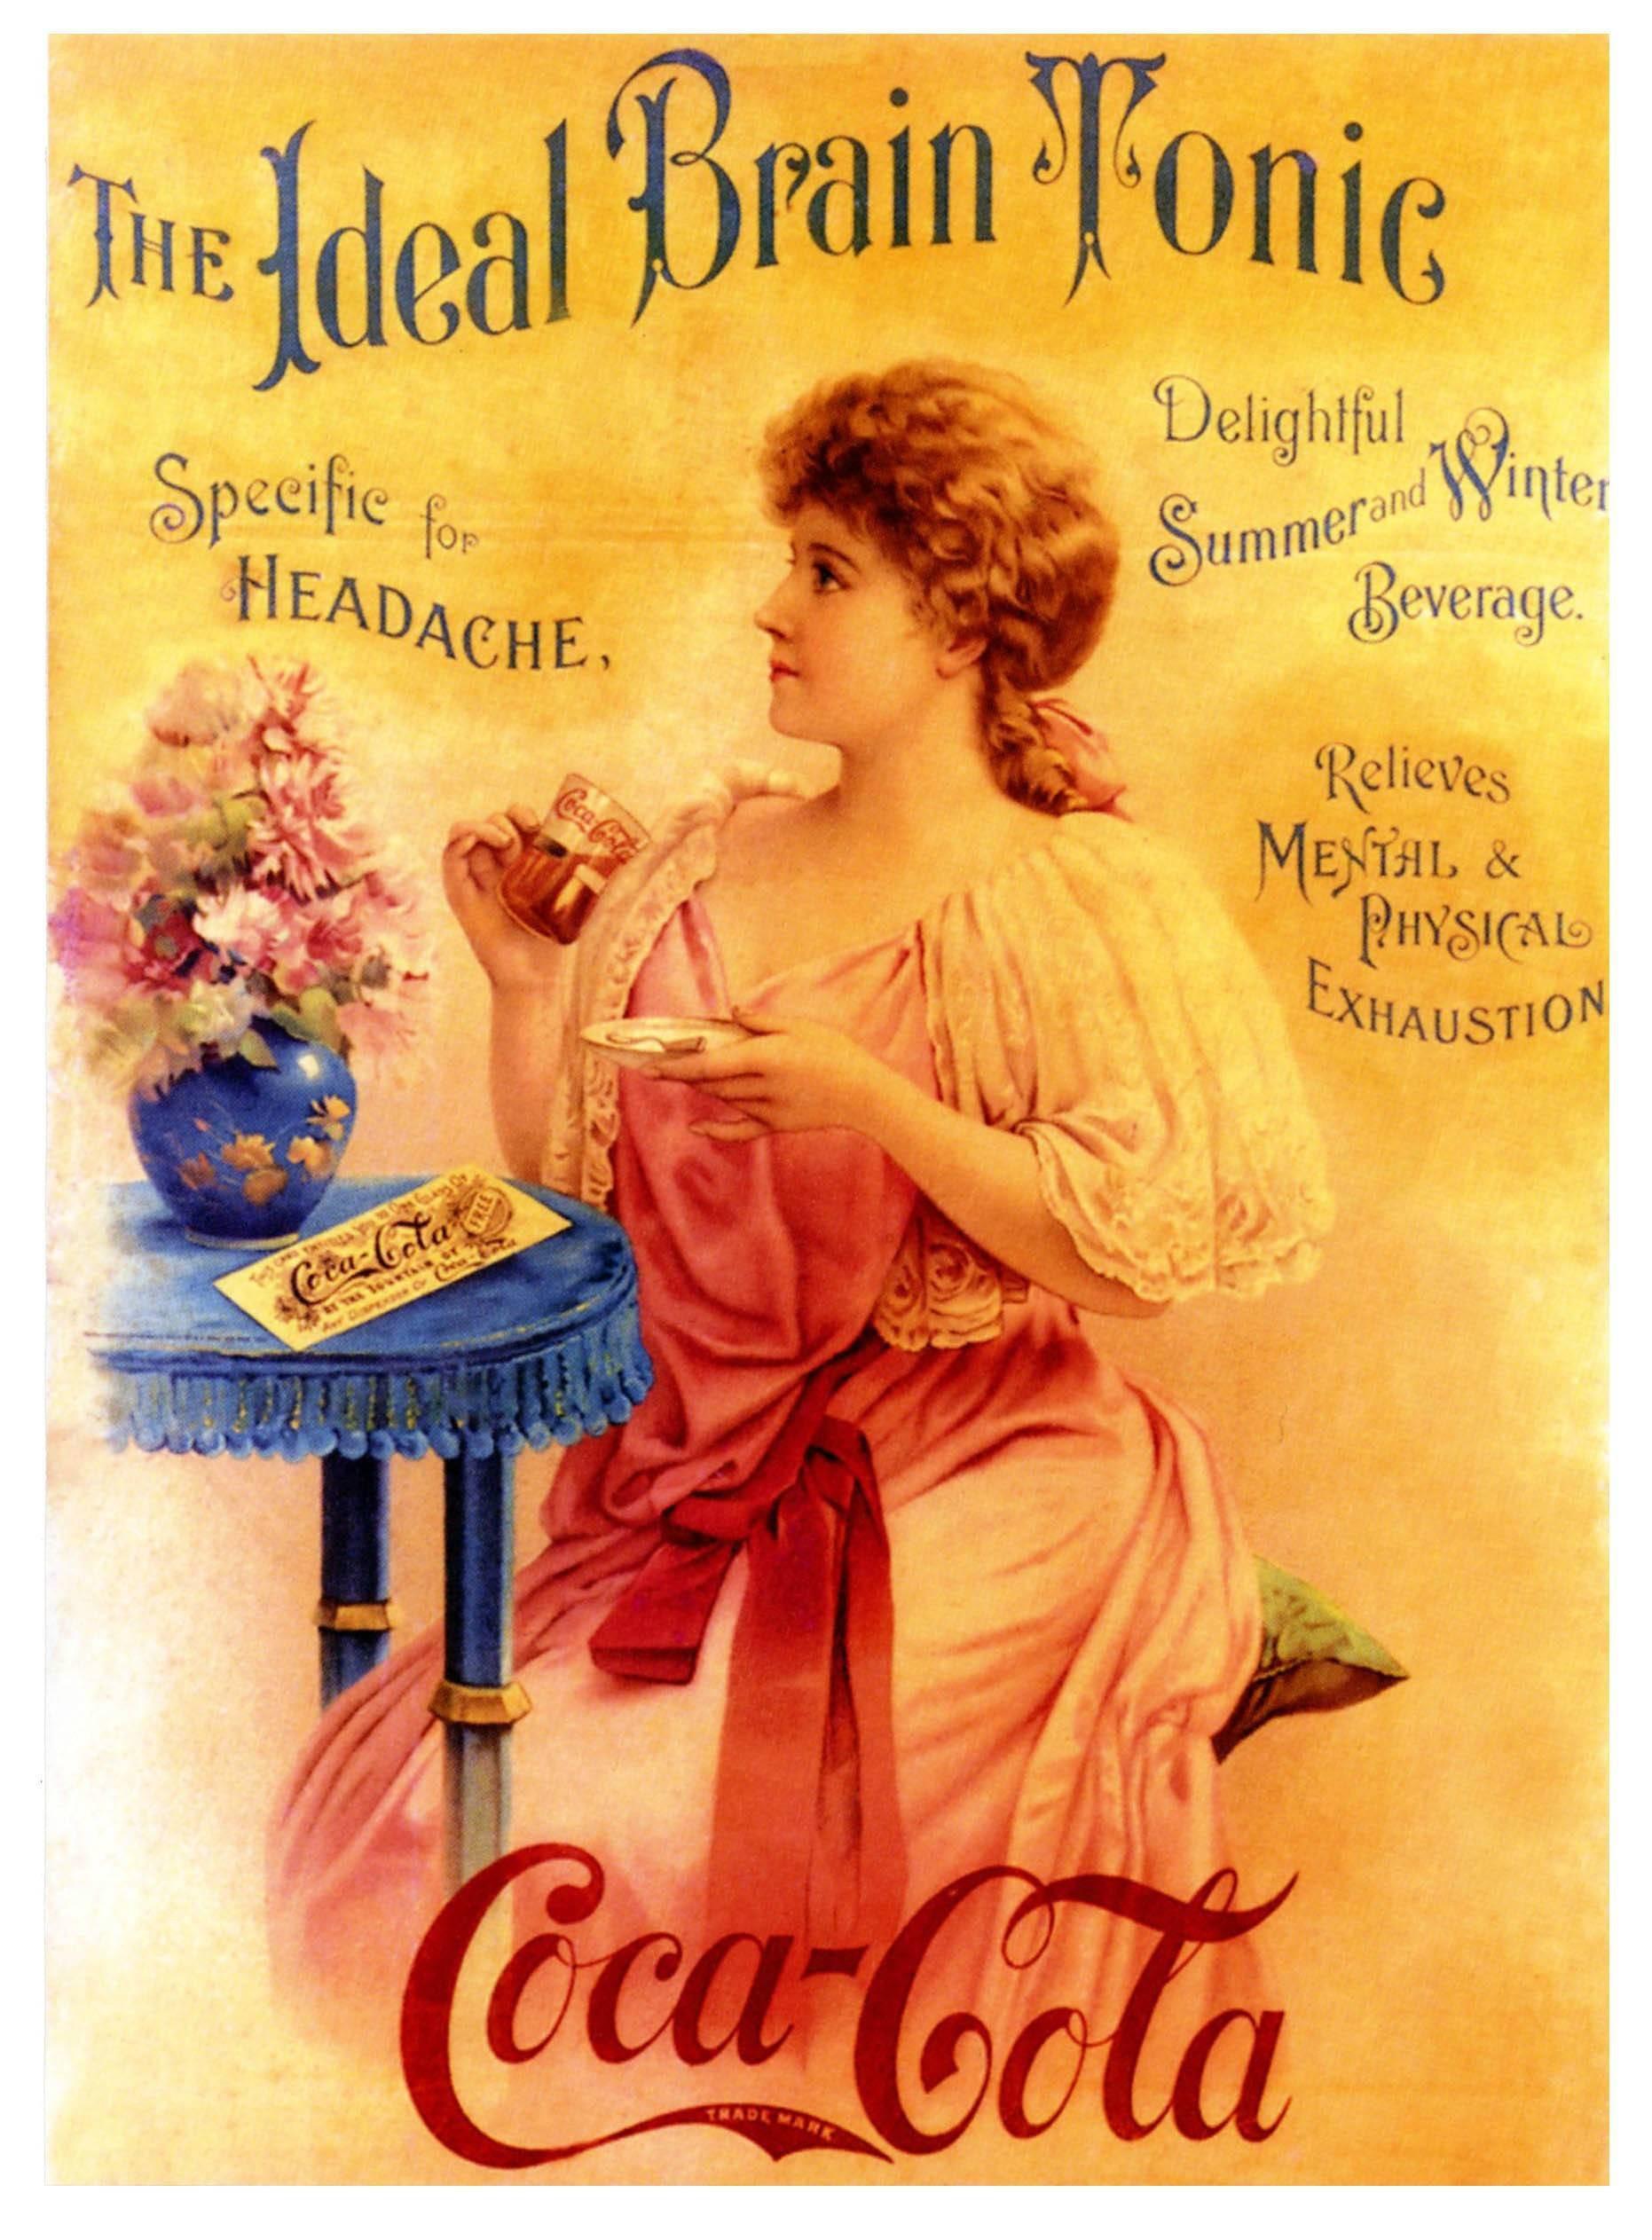 coca-cola, 7-up - photo 1 1542767293027391433793 - Cú rẽ bất ngờ: Coca và 7-Up từ thuốc đau đầu, thuốc an thần trở thành 2 thương hiệu giải khát đình đám như thế nào?